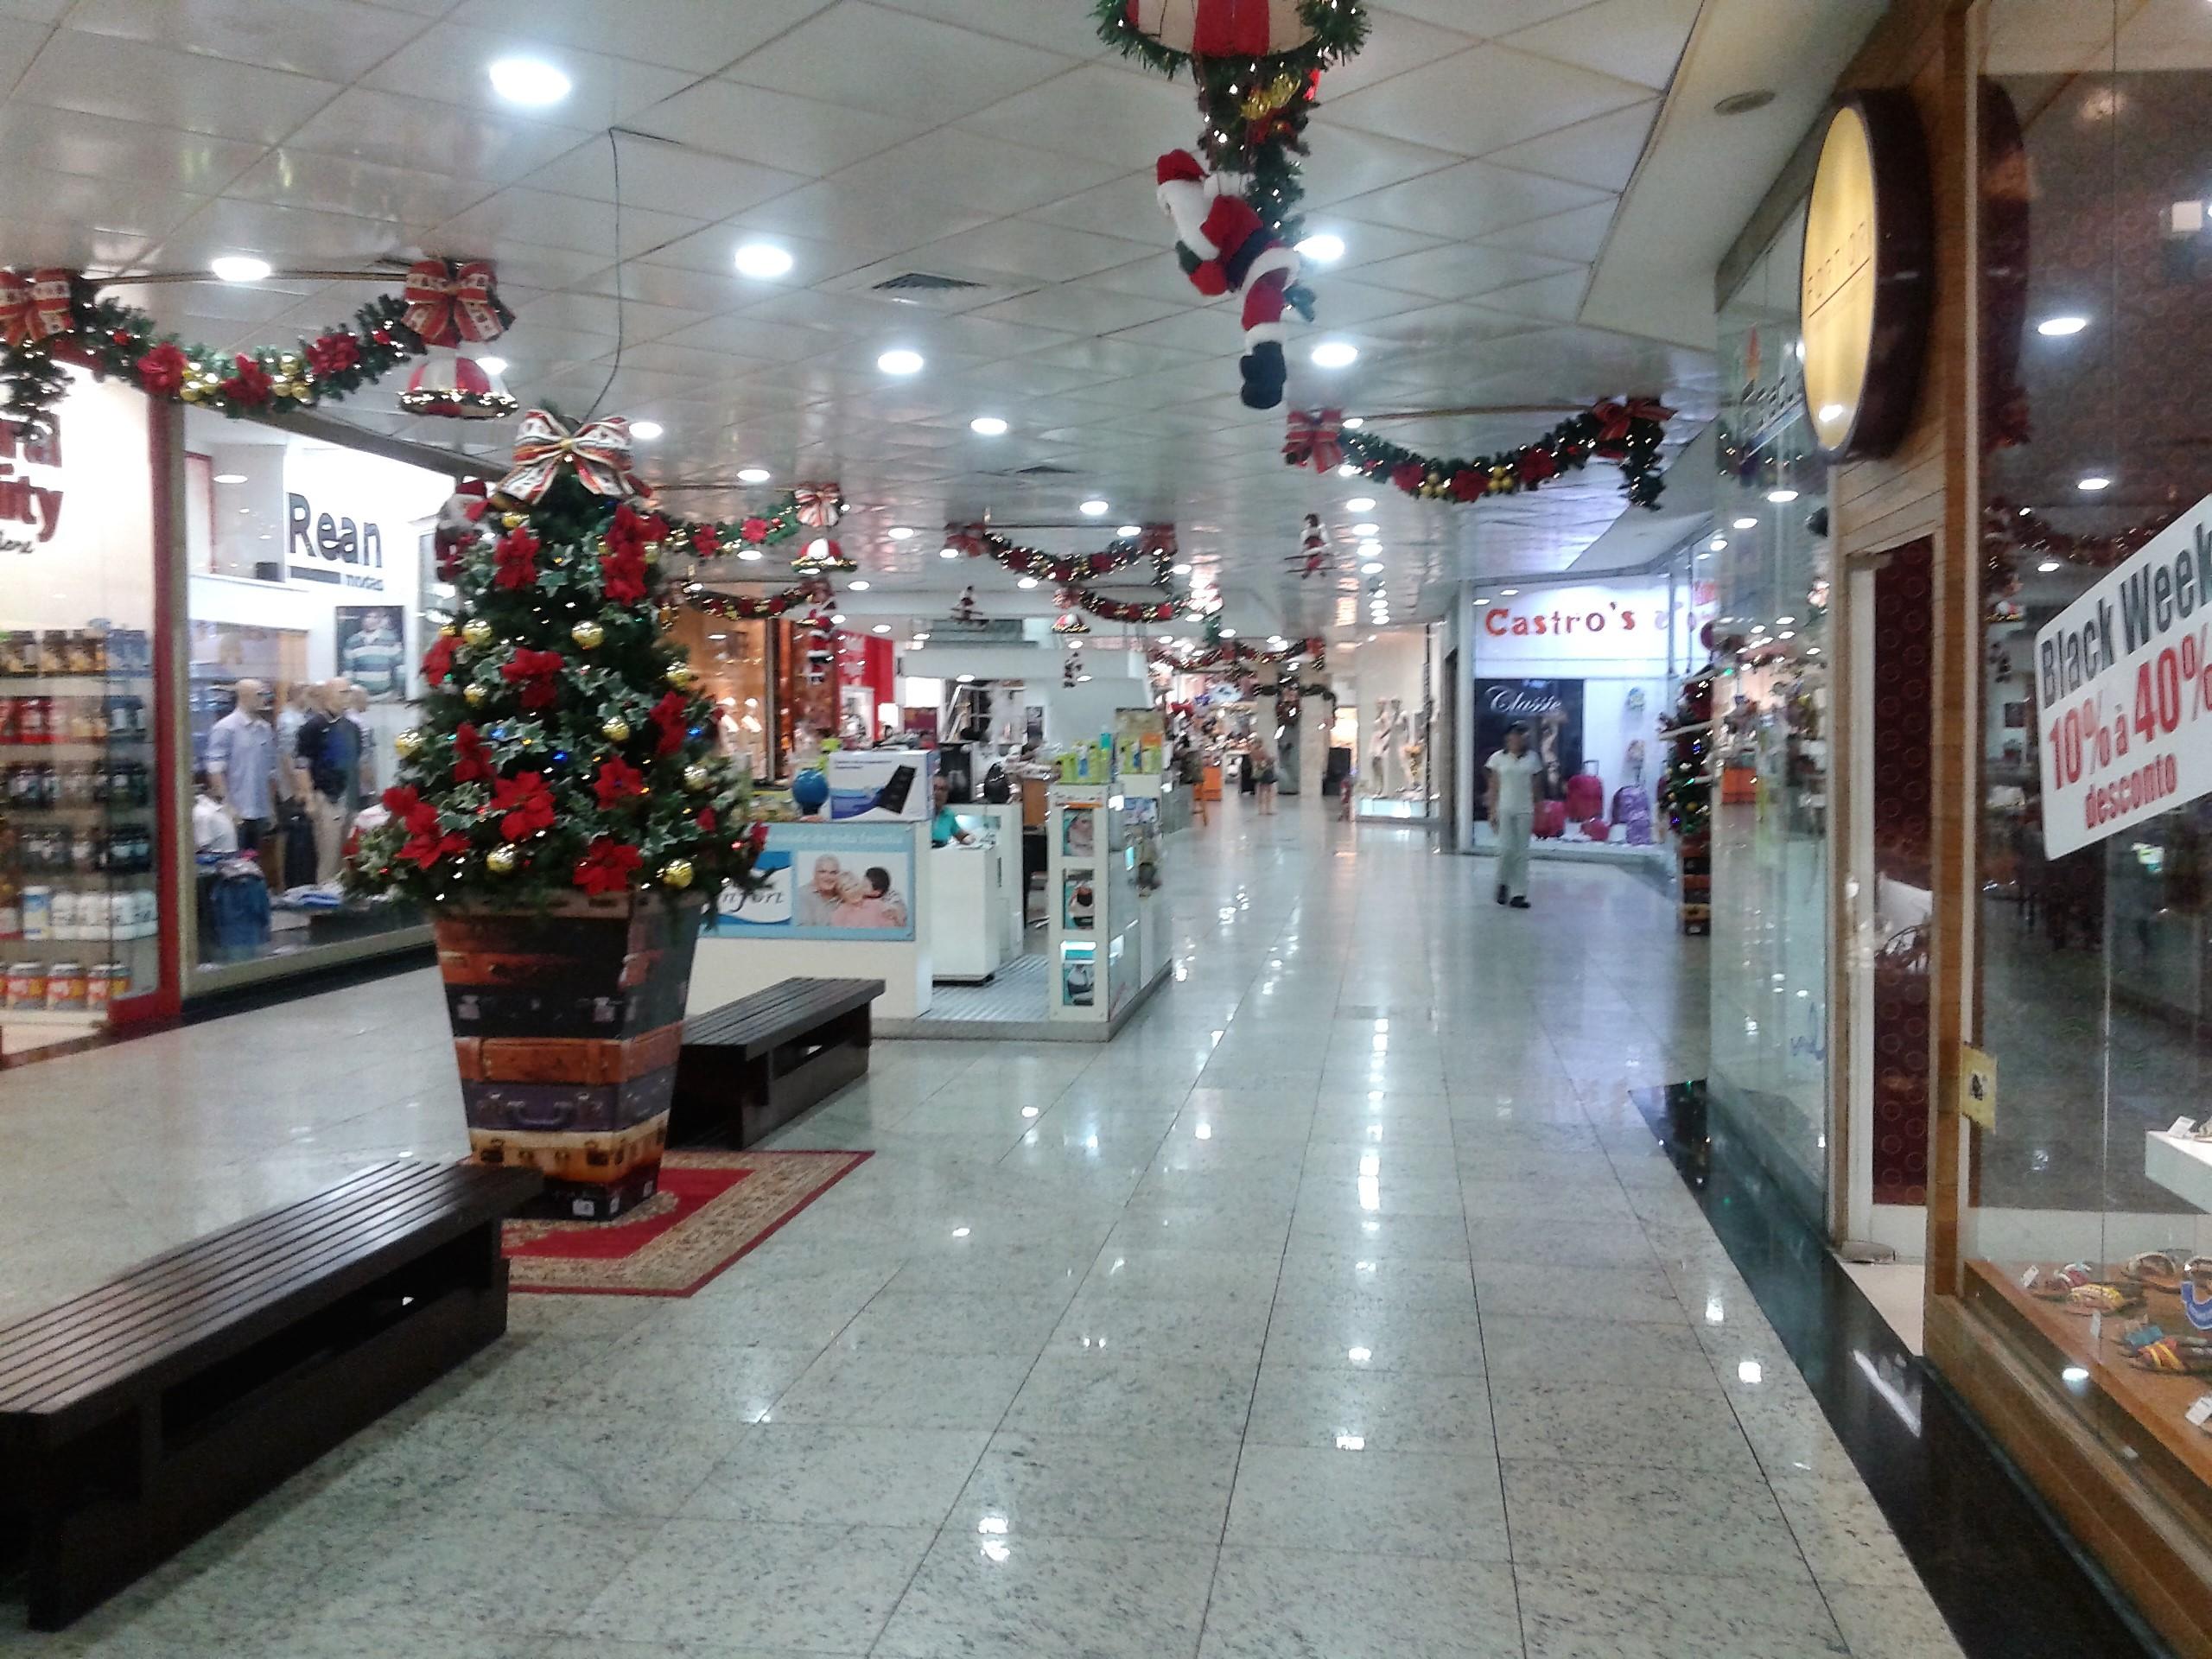 b9edcd393b0 File Shopping Itaigara Corredor.jpg - Wikimedia Commons